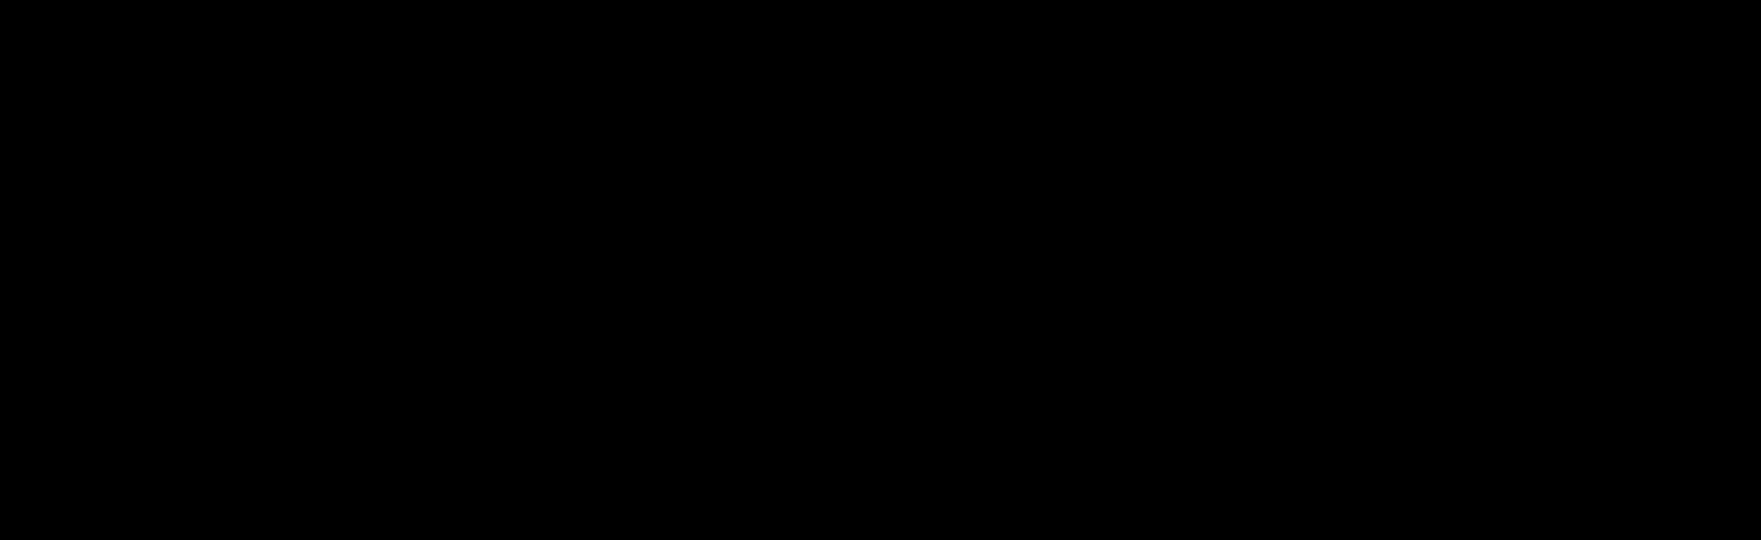 Albendazole-d<sub>3</sub>